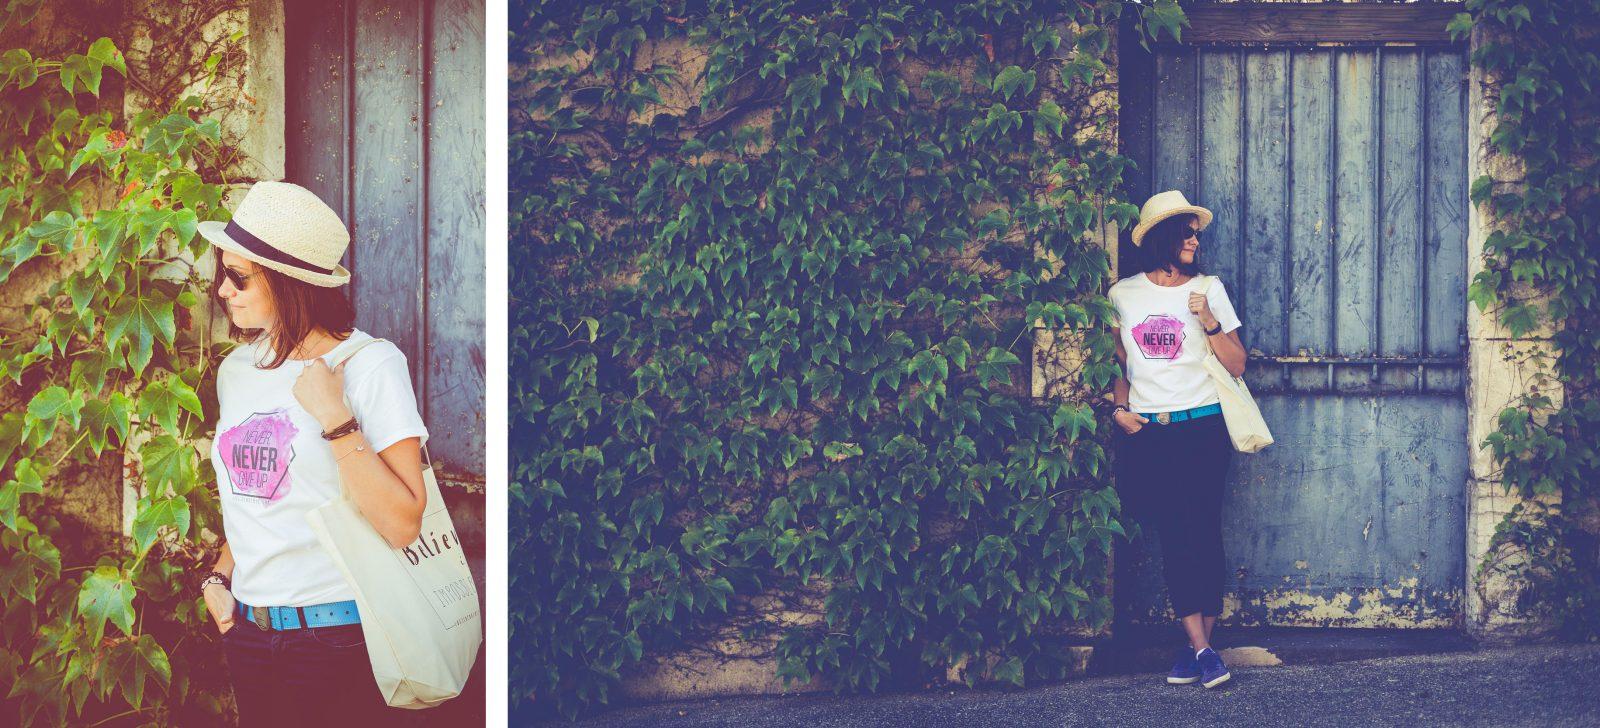 tee-shirt blanc, mixte, never give up, par L'oeil de Noémie, photographe spécialisée dans le mariage à Vichy, en Auvergne